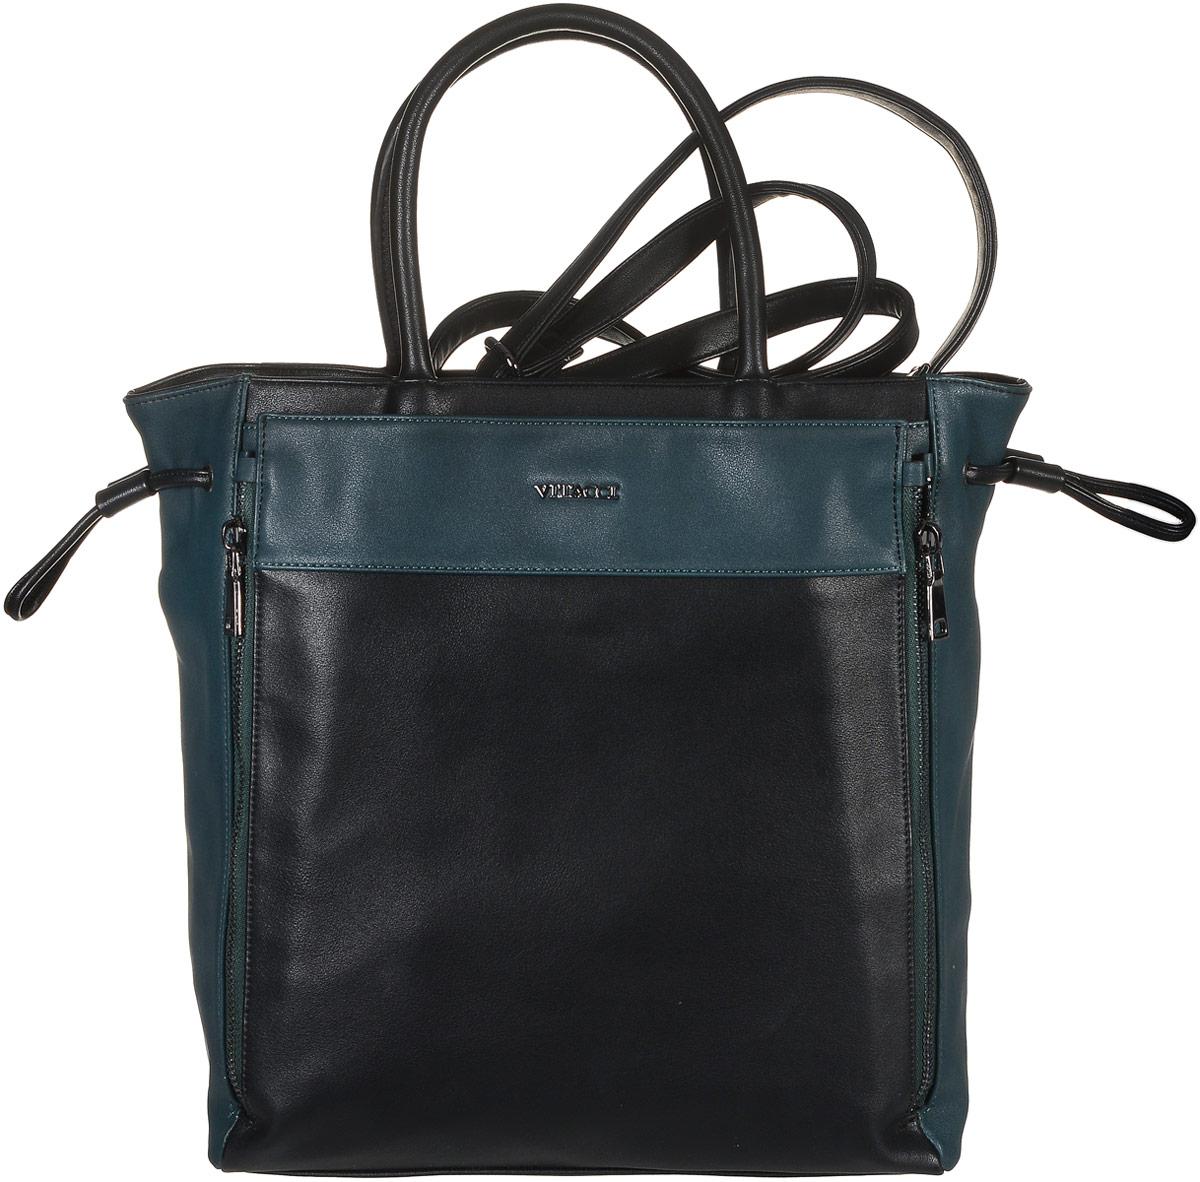 Сумка женская Vitacci, цвет: черный, темно-зеленый. BL0114BL0114Стильная женская сумка Vitacci выполнена из искусственной кожи. Сумка имеет одно основное отделение, закрывающееся на застежку-молнию. Внутри находится прорезной карман на застежке-молнии и два накладных, открытых кармана. Спереди модель дополнена декоративными молниями и металлической пластиной с названием бренда. Модель дополнена затягивающимся шнурком с фиксатором. Сумка оснащена двумя удобными ручками. Модель предназначена для ношения на руке, но так же имеется дополнительный съемный наплечный ремень. Роскошная сумка внесет элегантные нотки в ваш образ и подчеркнет ваше отменное чувство стиля.